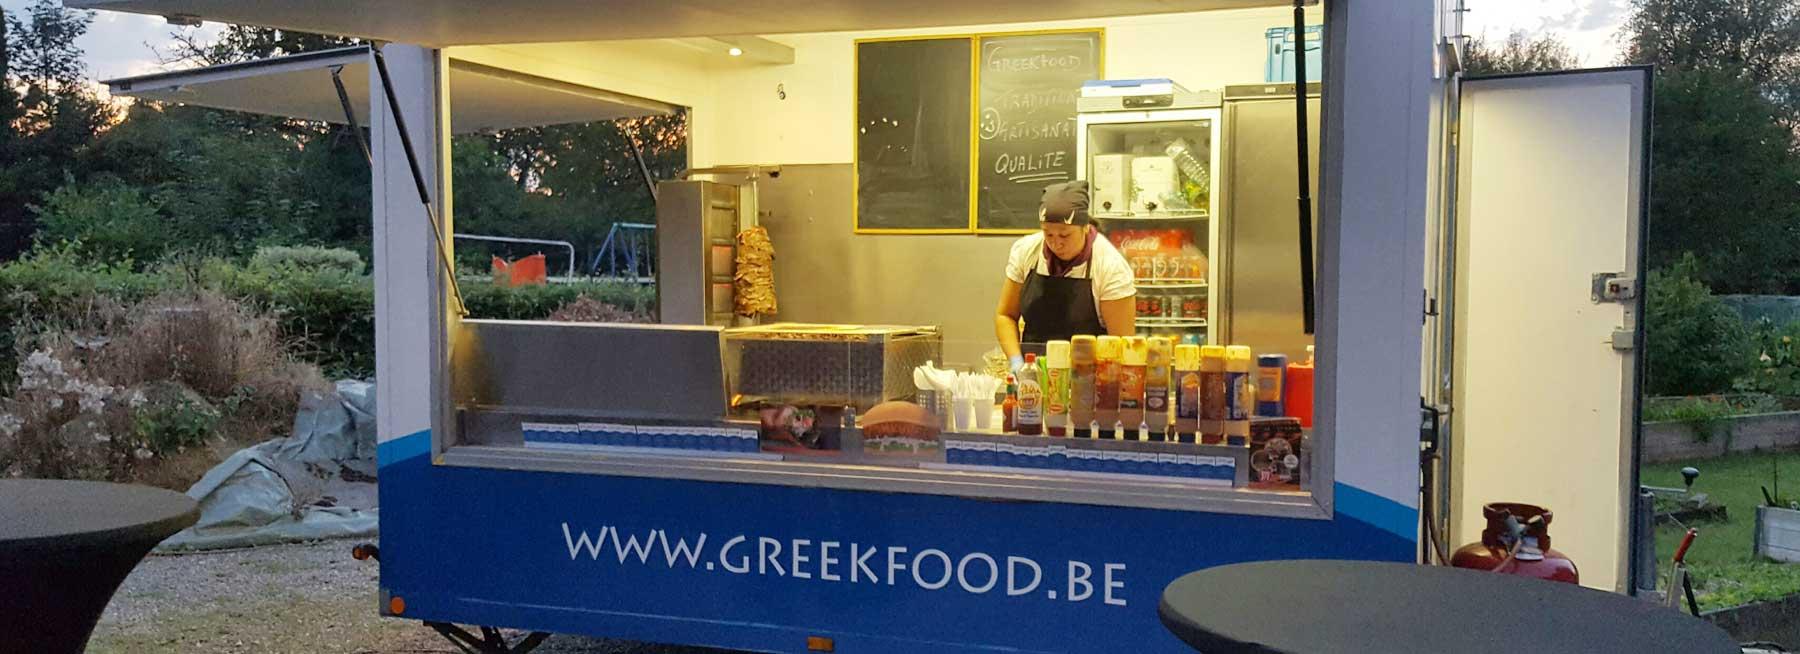 food-truck-grec